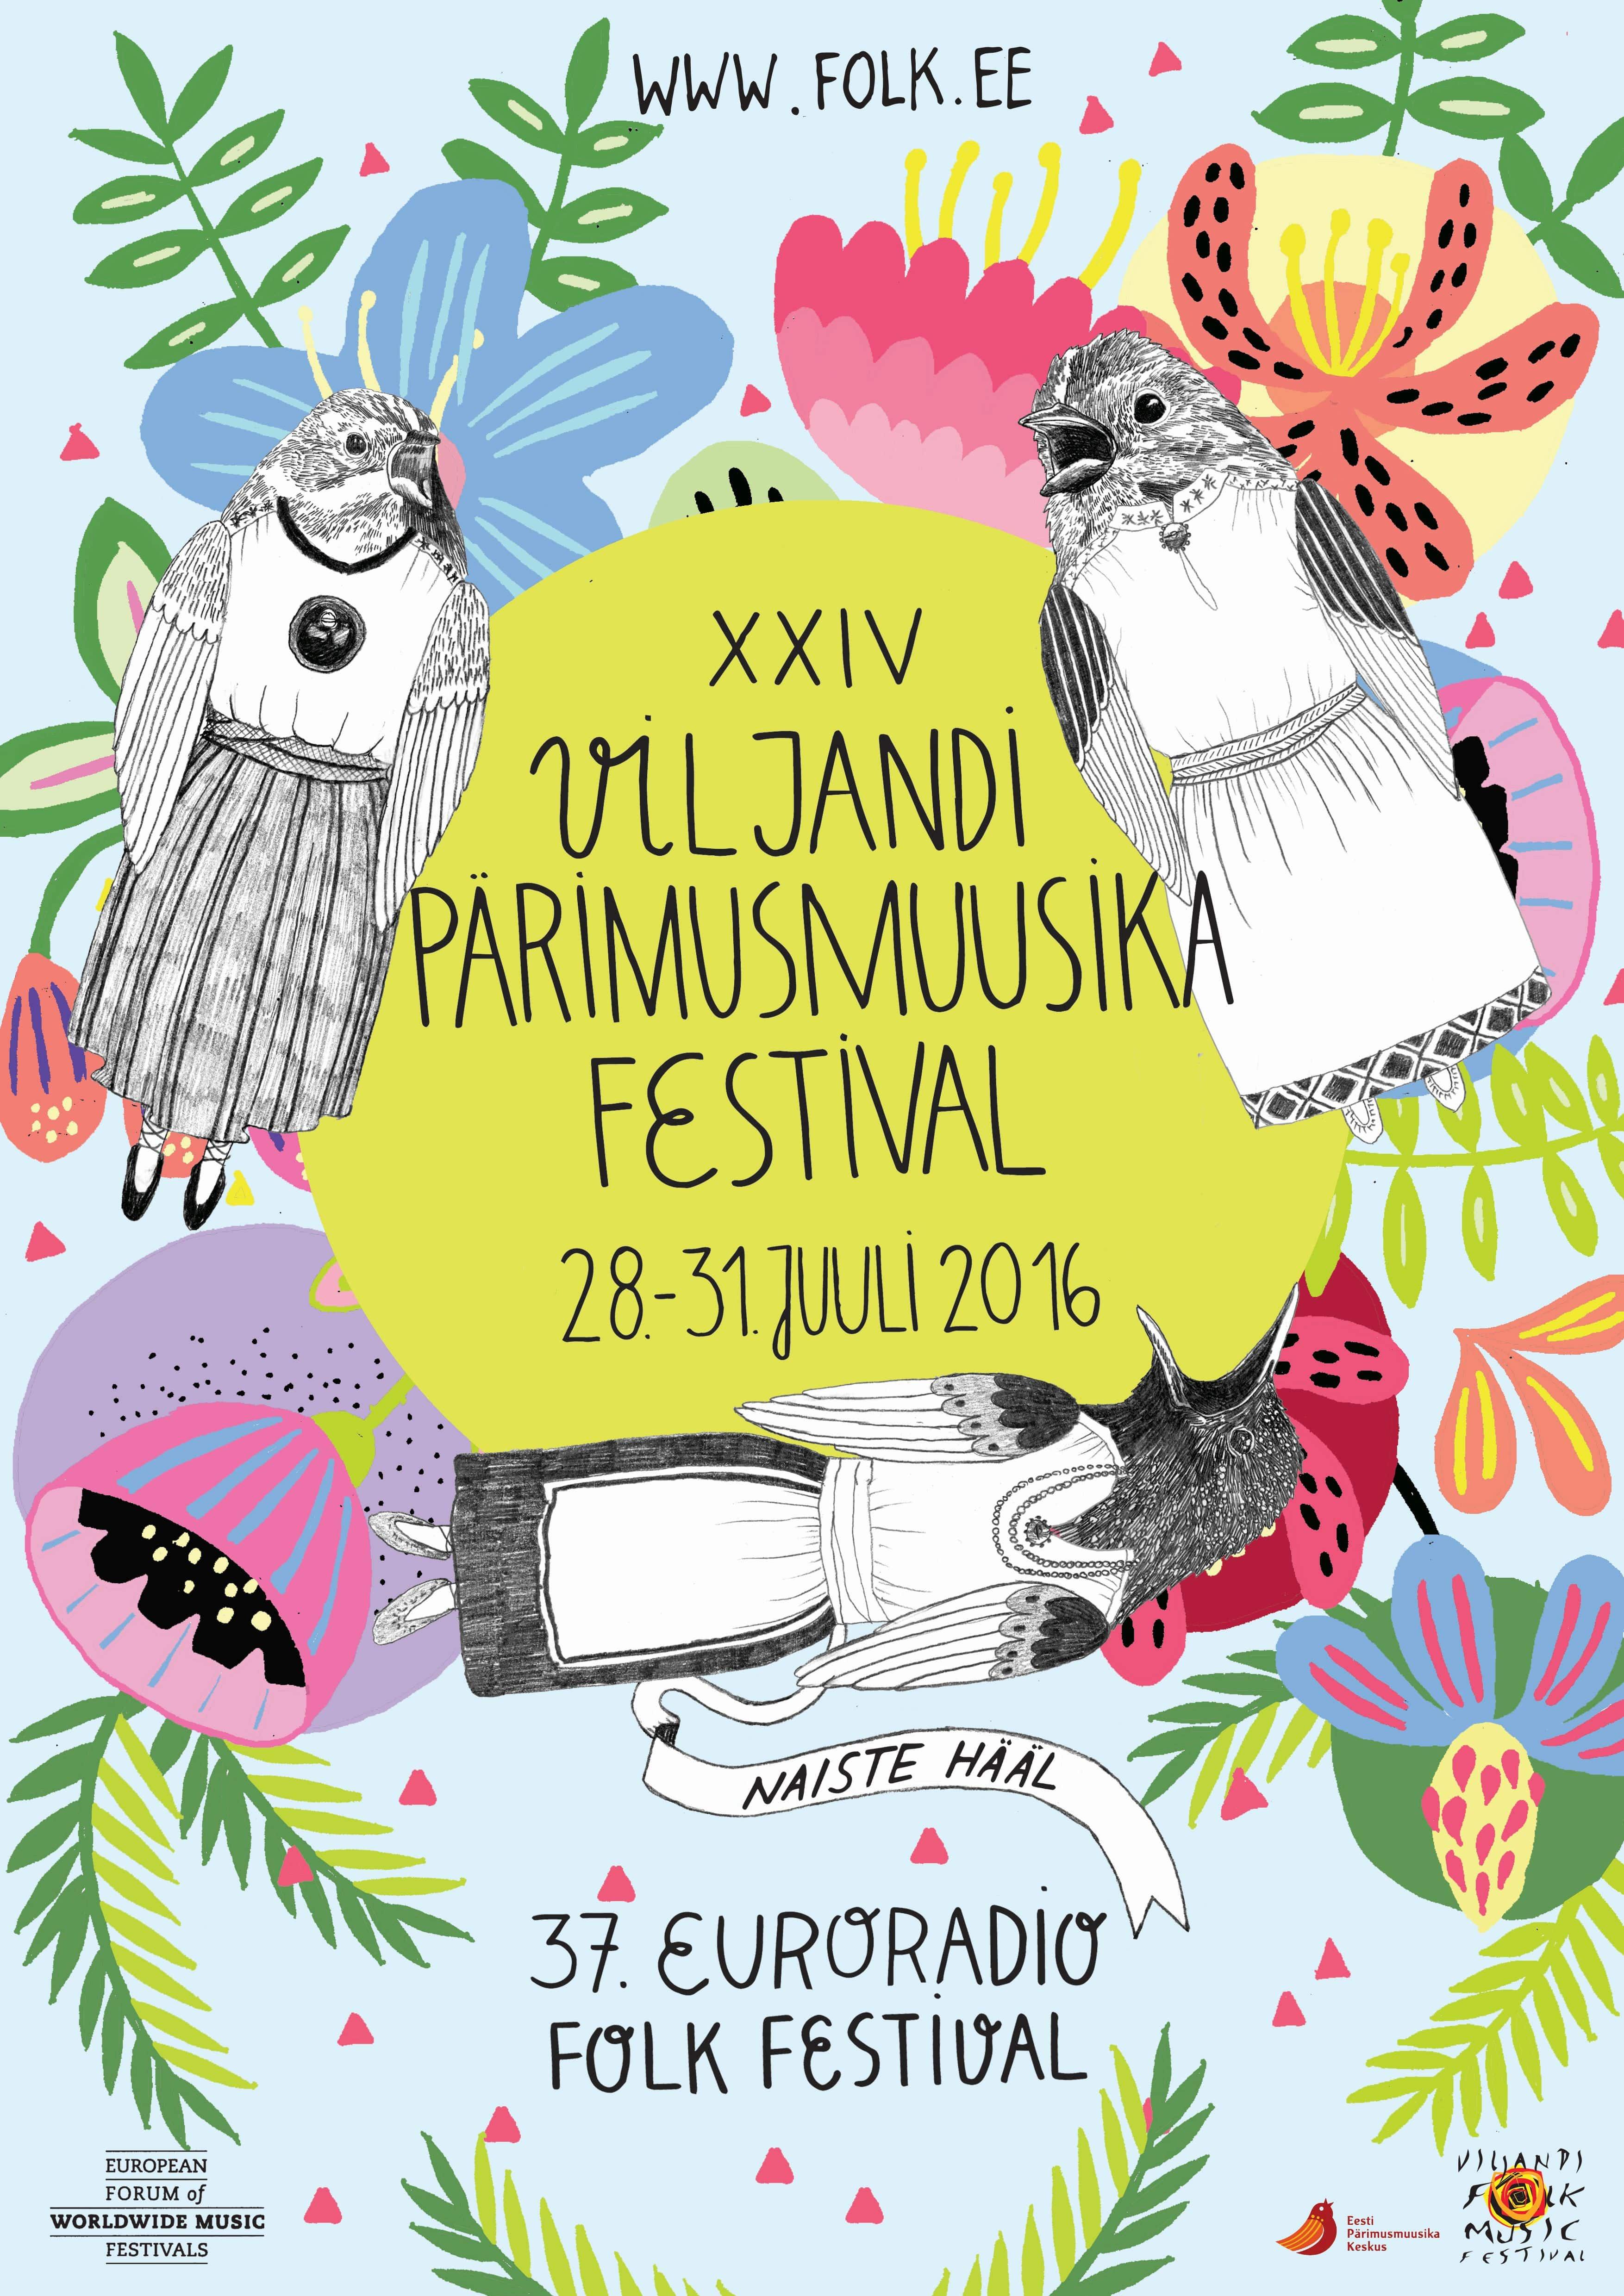 XXIV Viljandi pärimusmuusika festivali tunnuskujundus. Autor: Eili Lepik